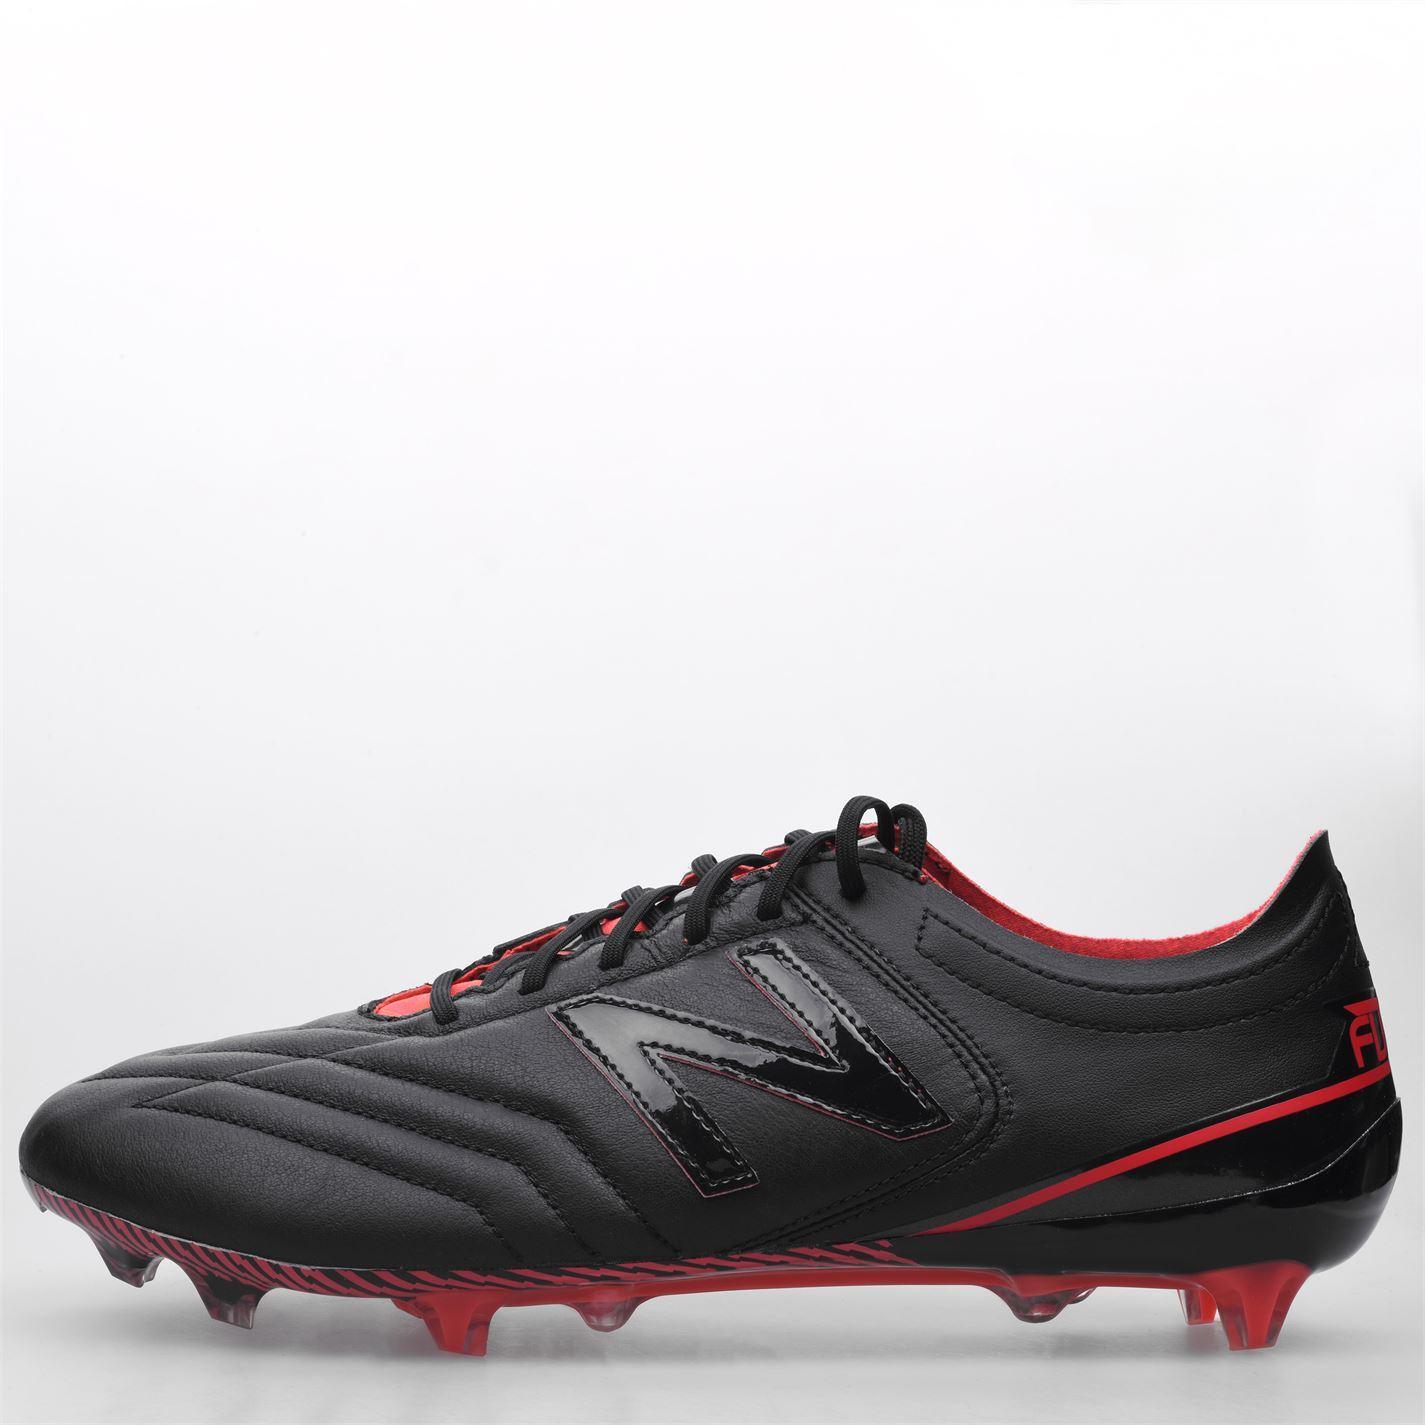 miniature 4 - New-Balance-Furon-3-0-K-cuir-homme-FG-Firm-Ground-Chaussures-De-Football-Soccer-Crampons